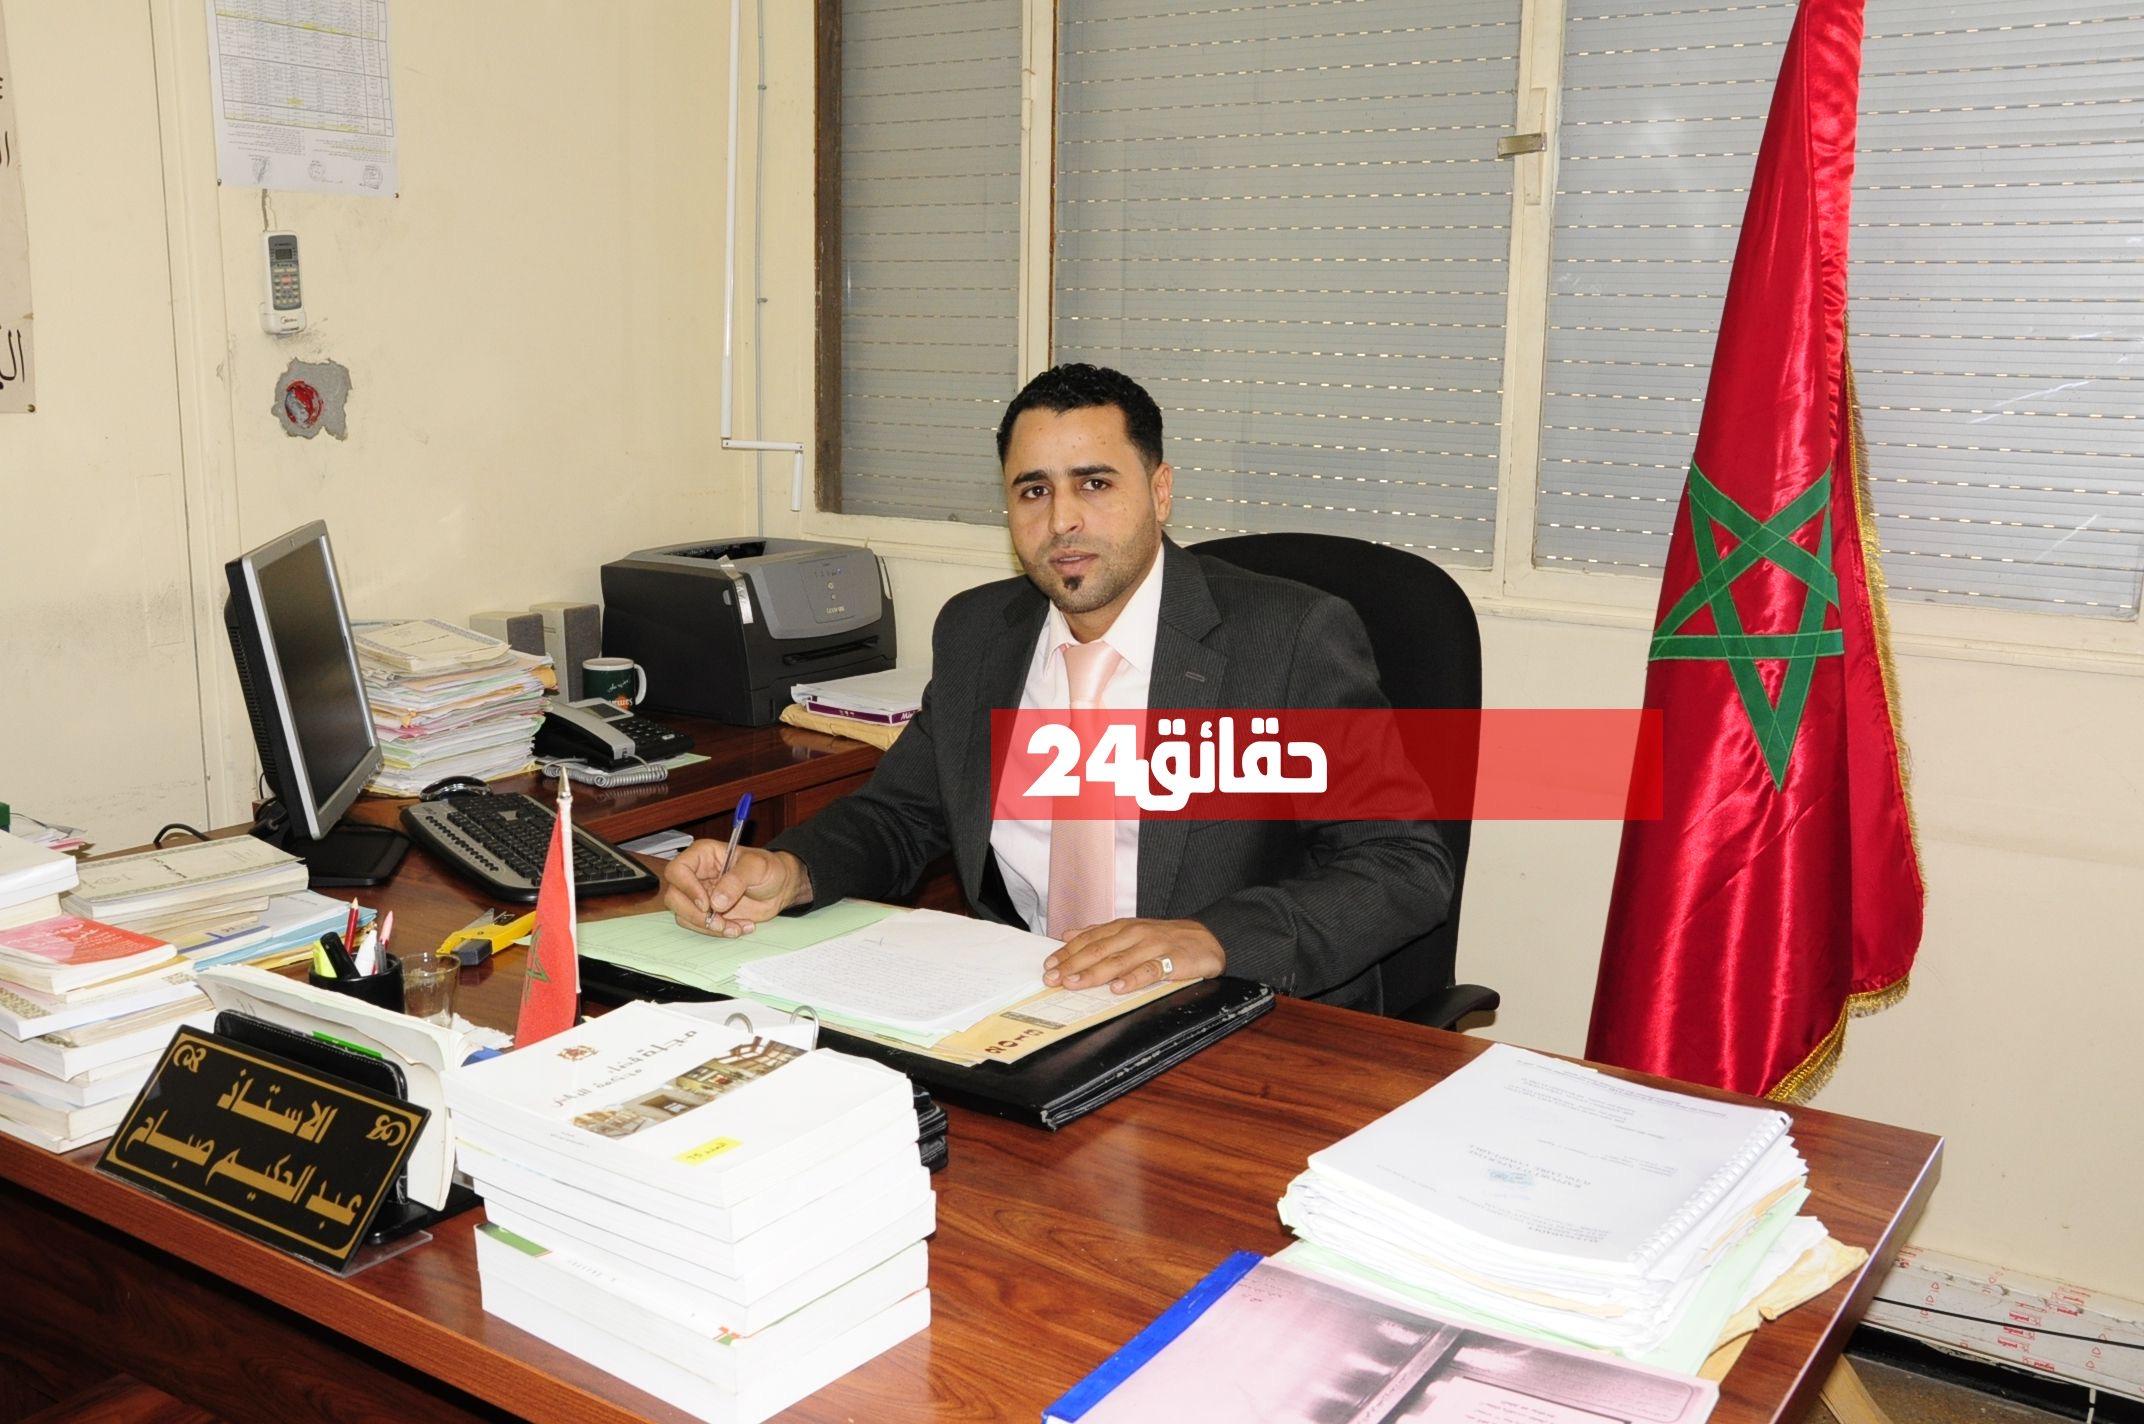 صورة من هو عبد الحكيم صباح الرئيس الجديد للمحكمة الإبتدائية بإنزكان